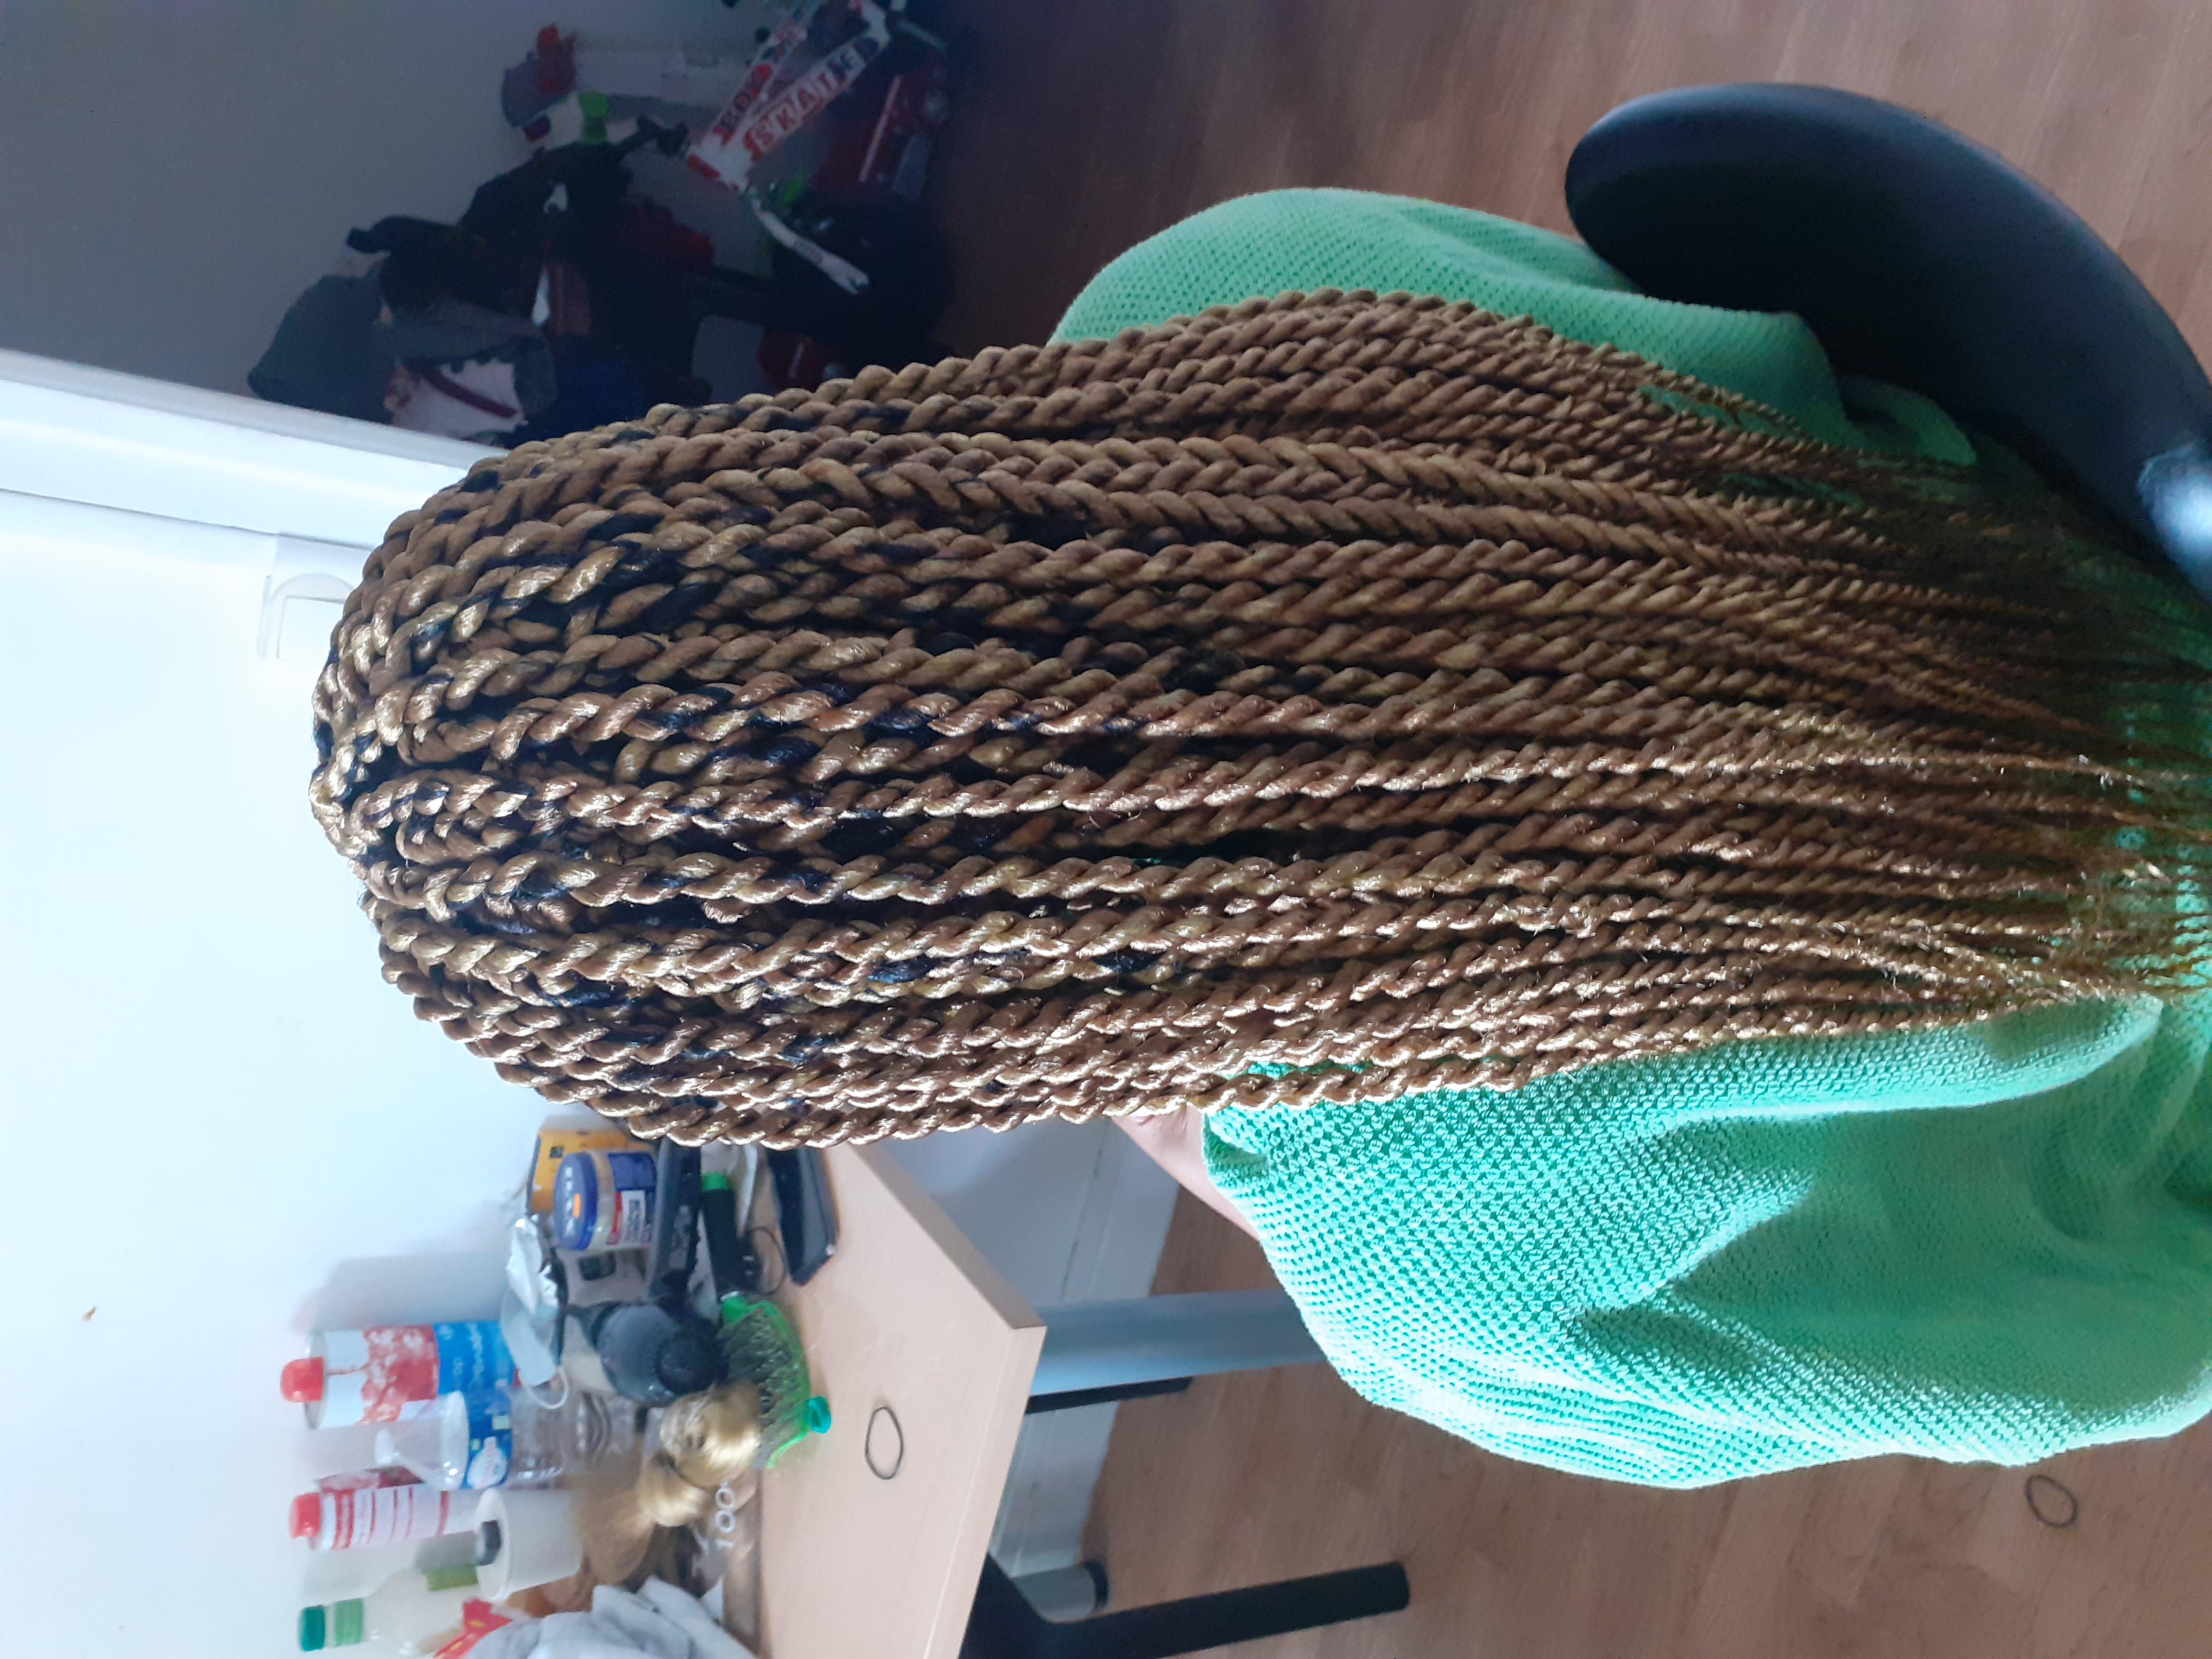 salon de coiffure afro tresse tresses box braids crochet braids vanilles tissages paris 75 77 78 91 92 93 94 95 YNHHAAIG